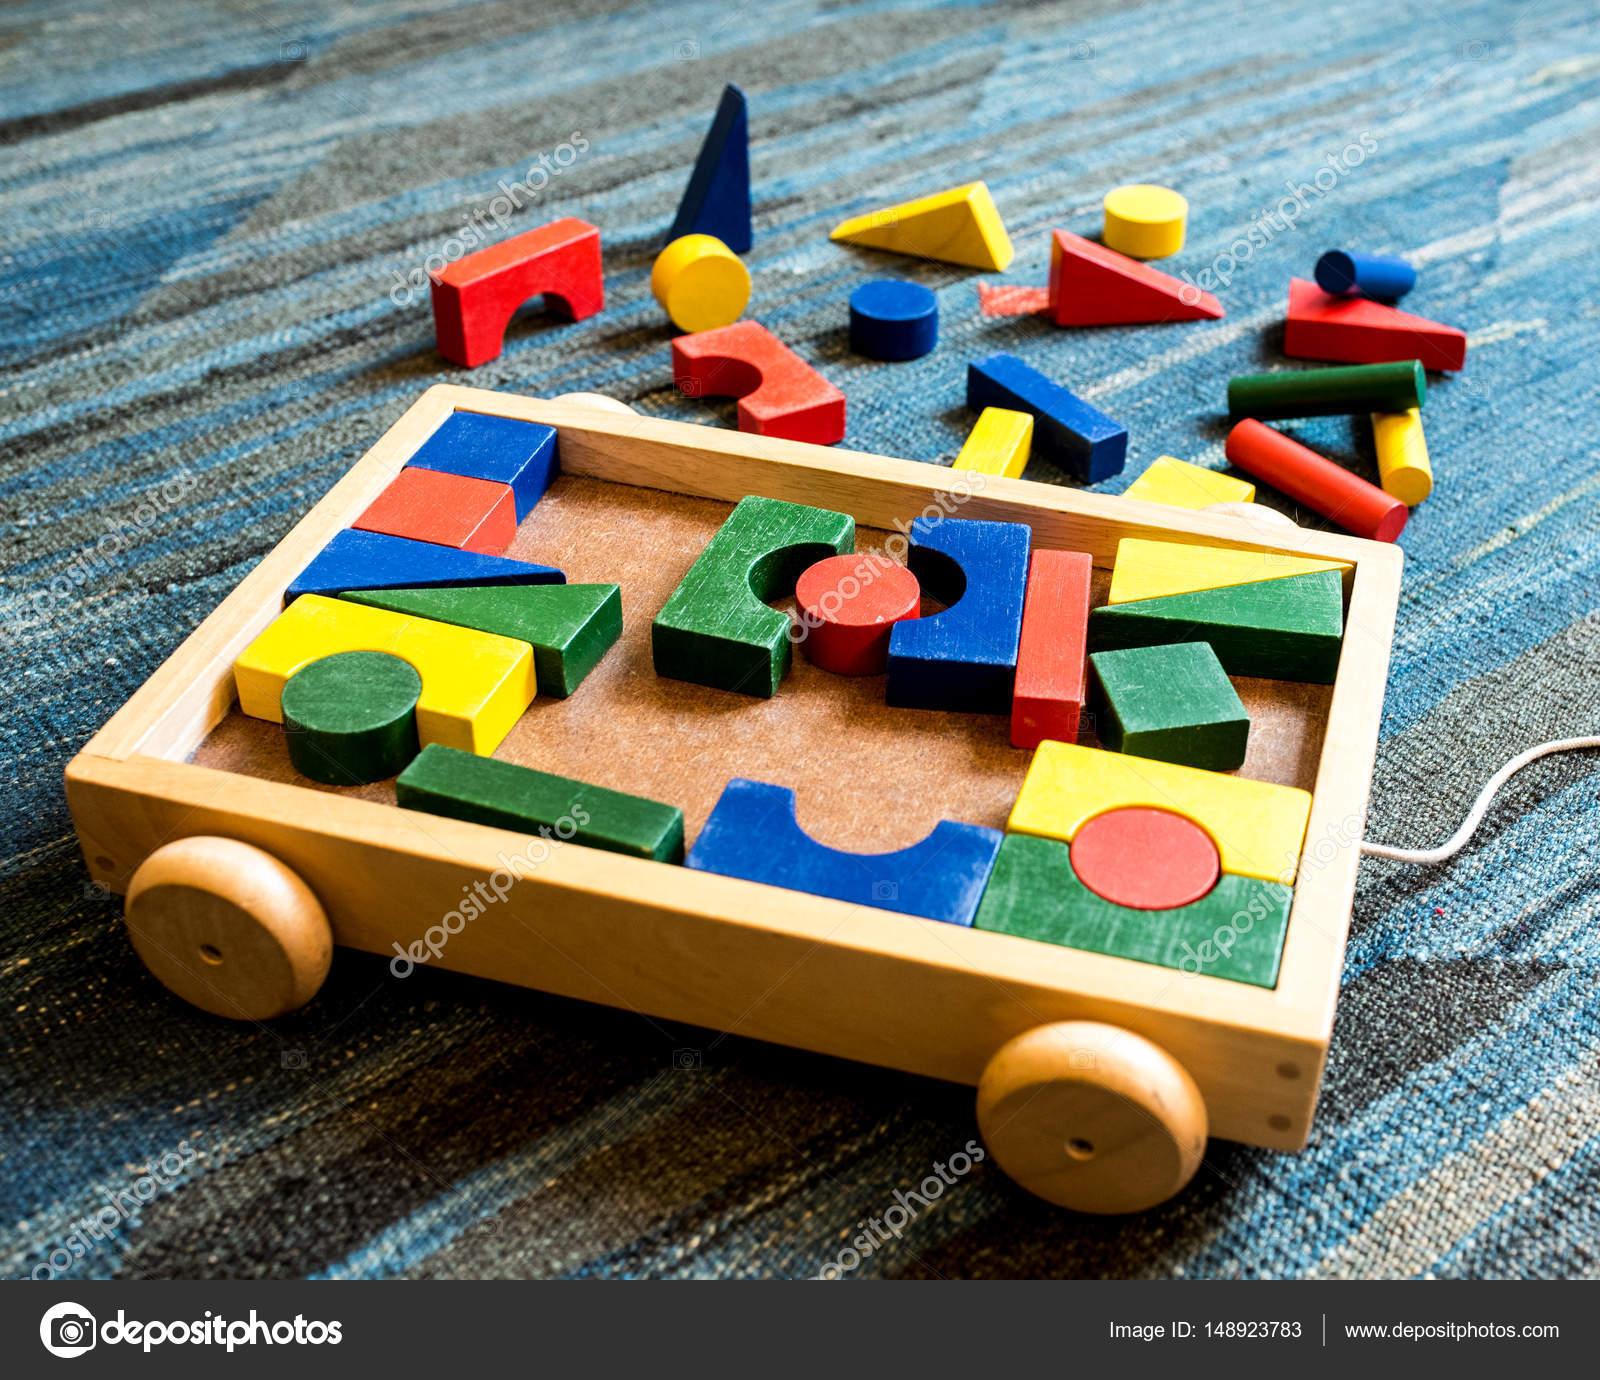 Fotos Juegos Para Ninos En Madera Geometricas Y La Construccion